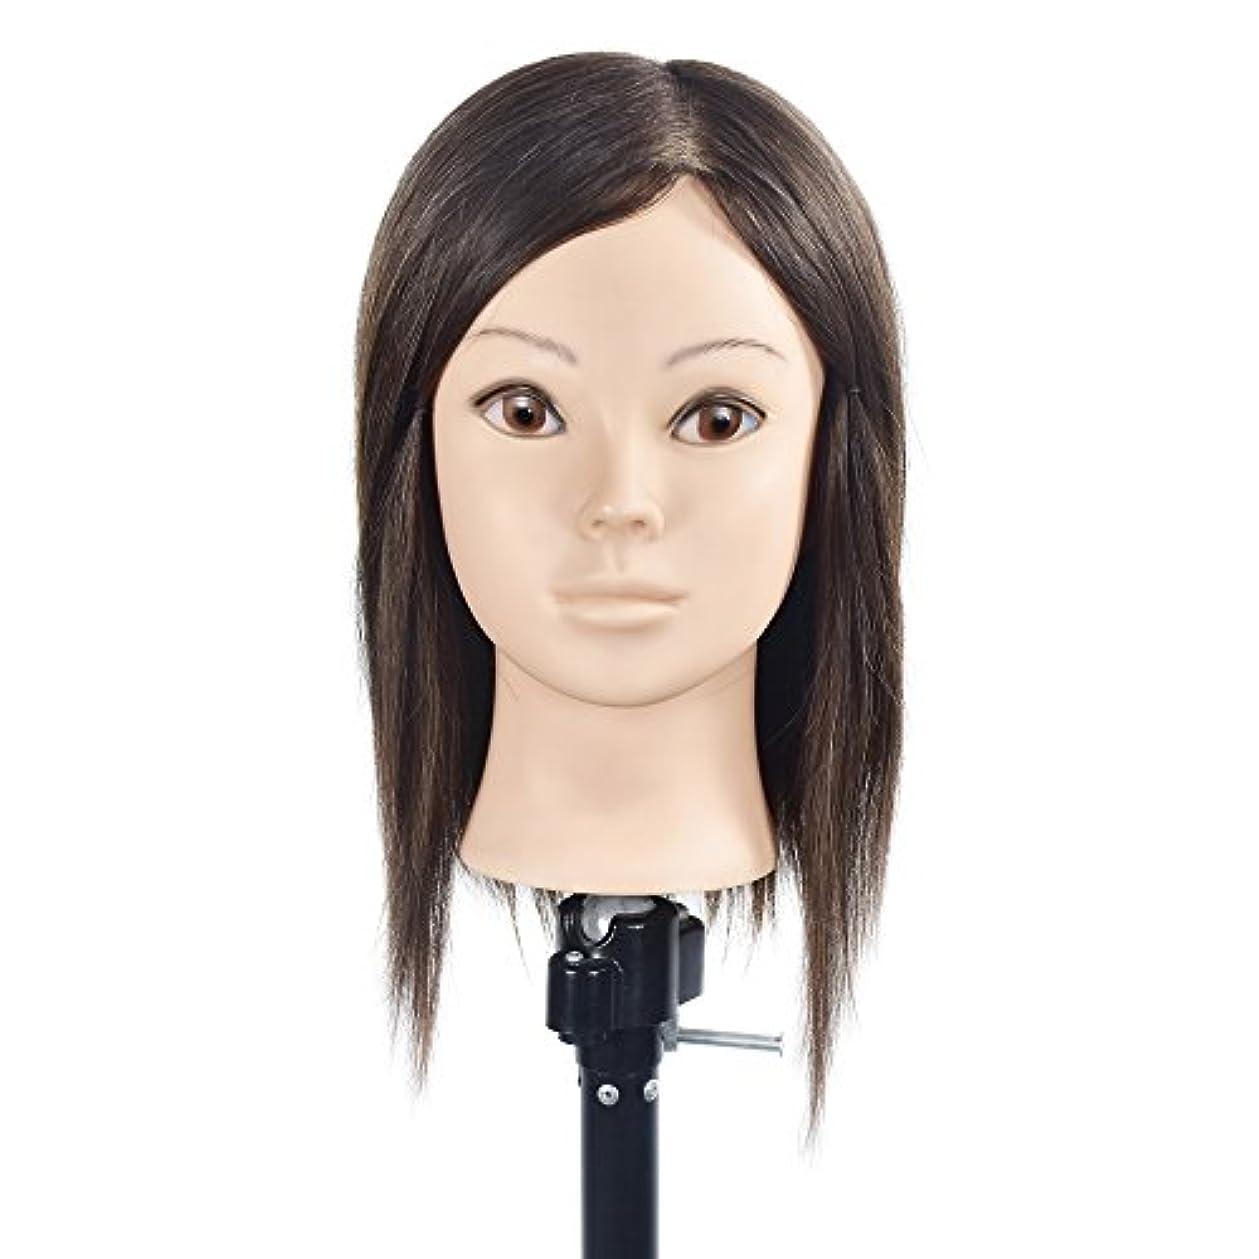 噛む滴下急襲トレーニングヘッド美容師100%リアルヒューマンヘアスタイリングマニアックマネキン人形(フリーテーブルクランプ付)